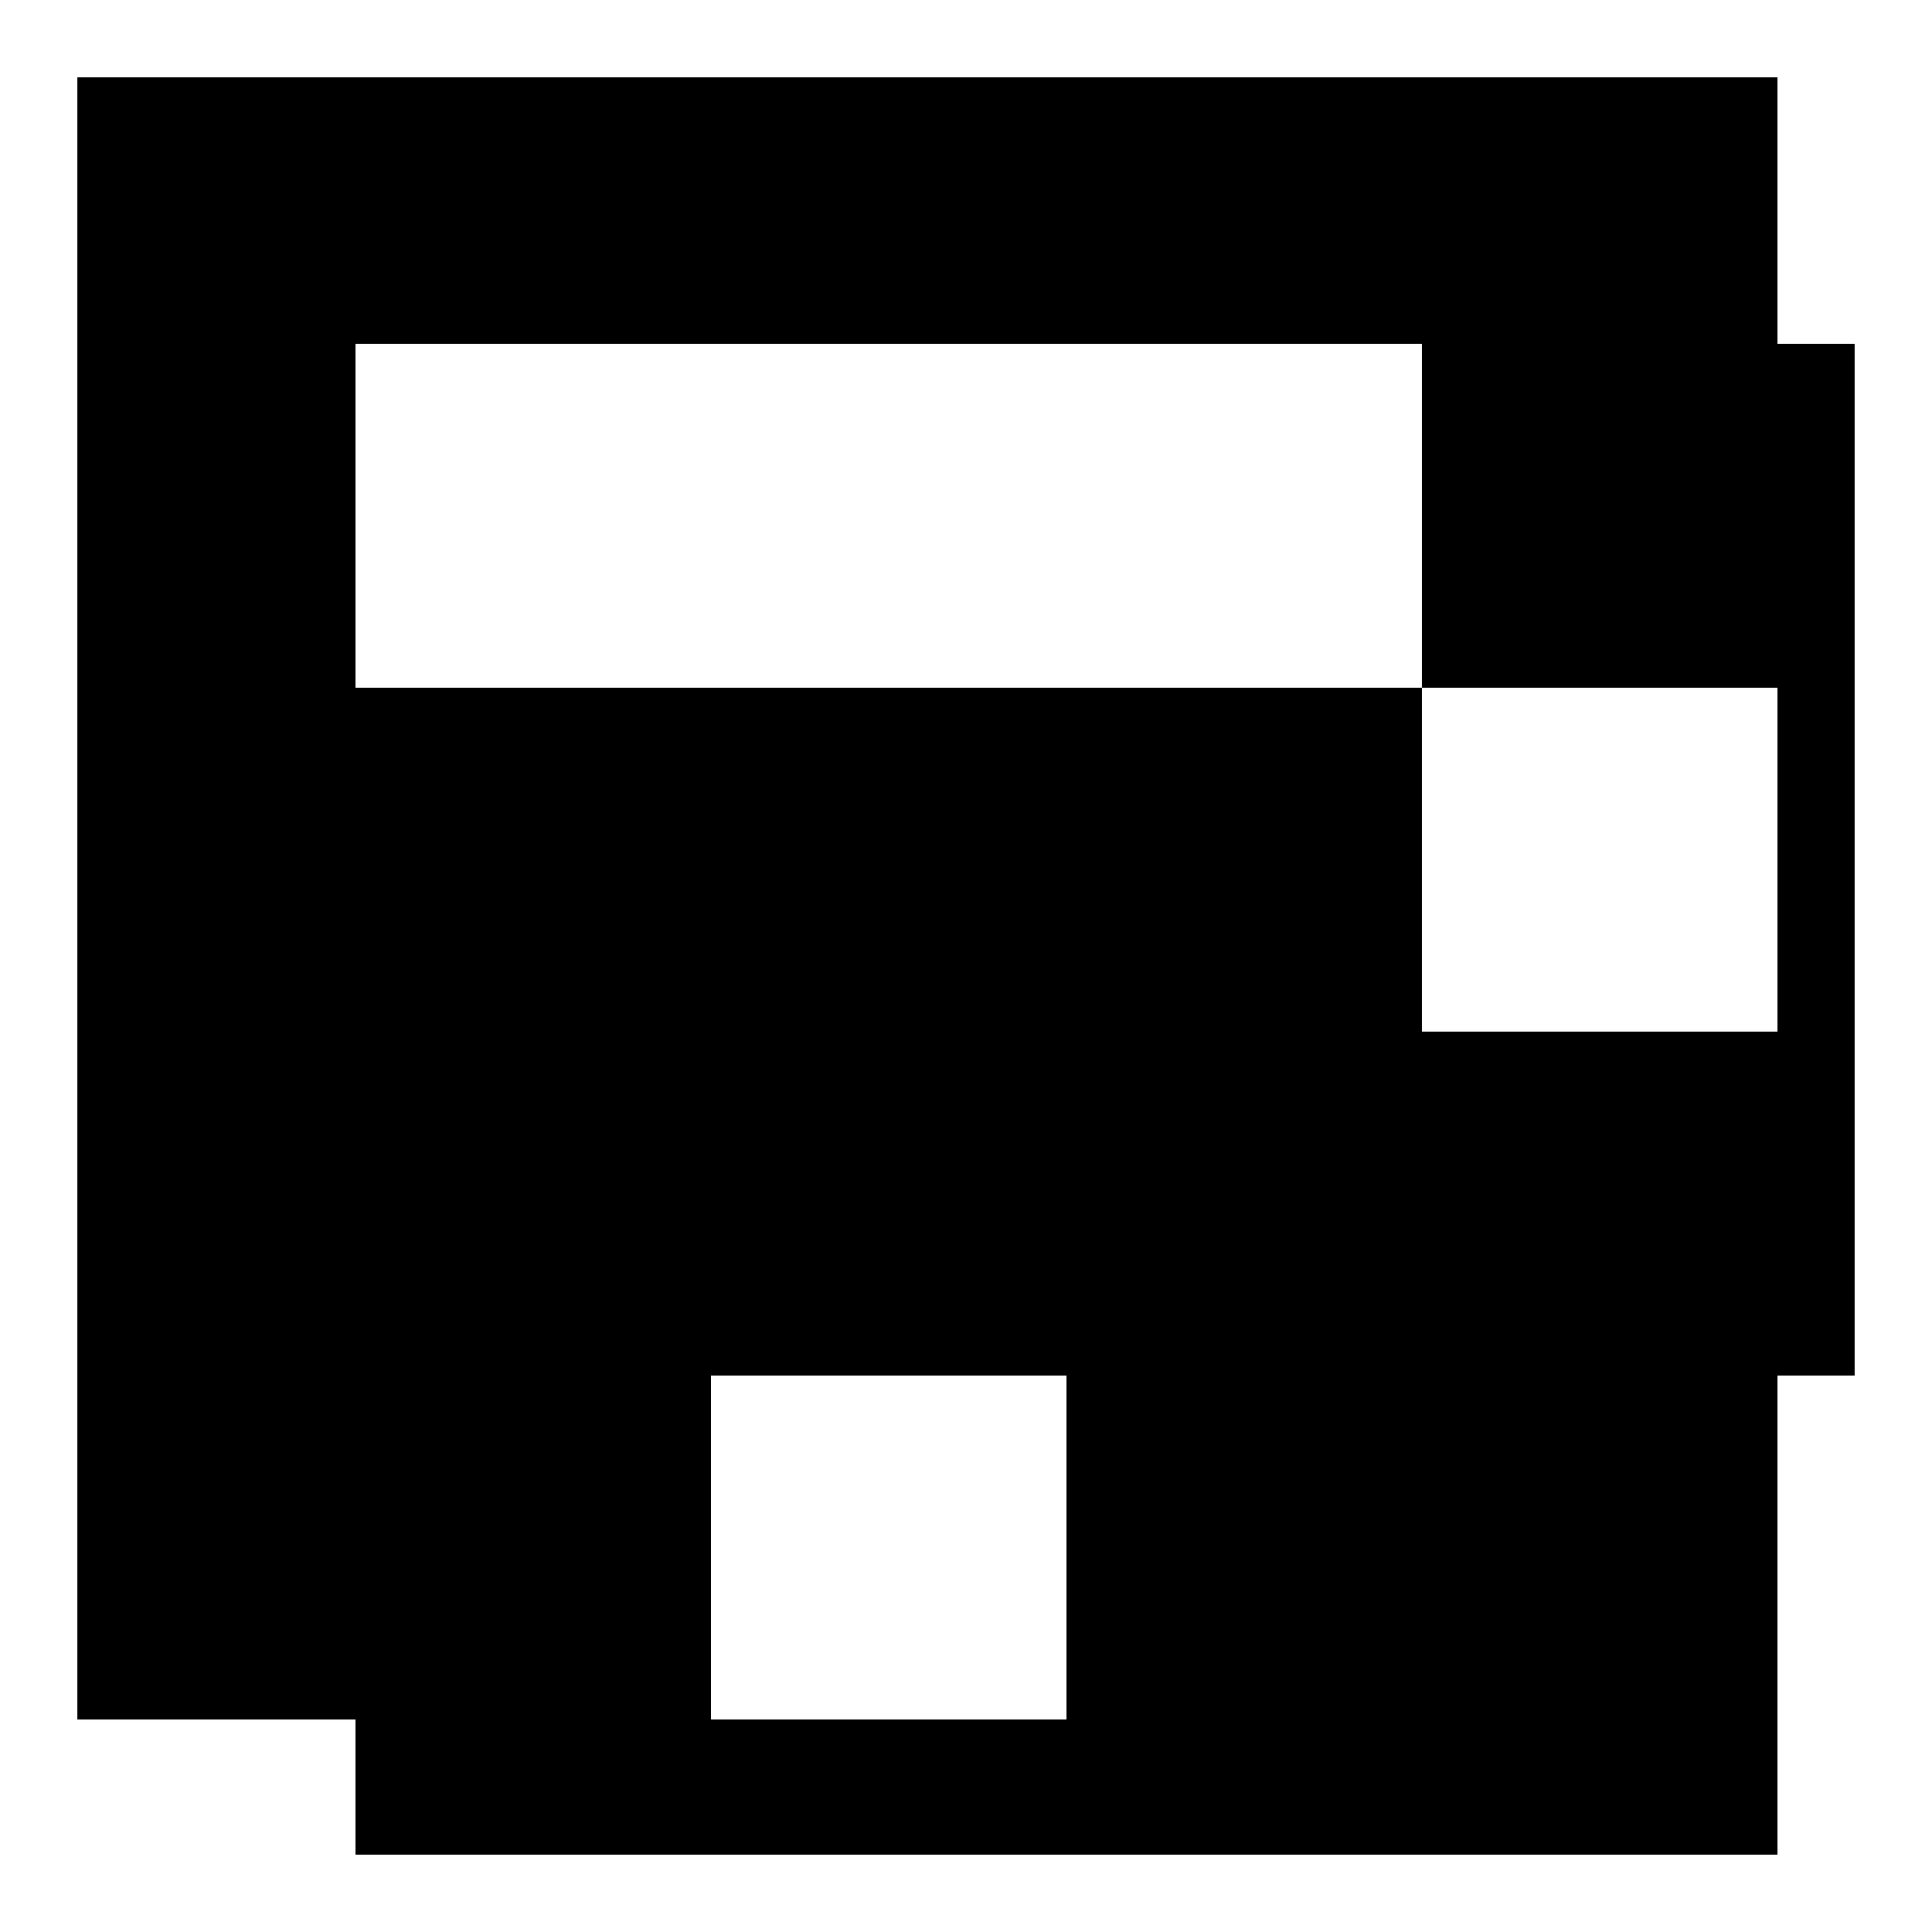 attribute-material-quartz